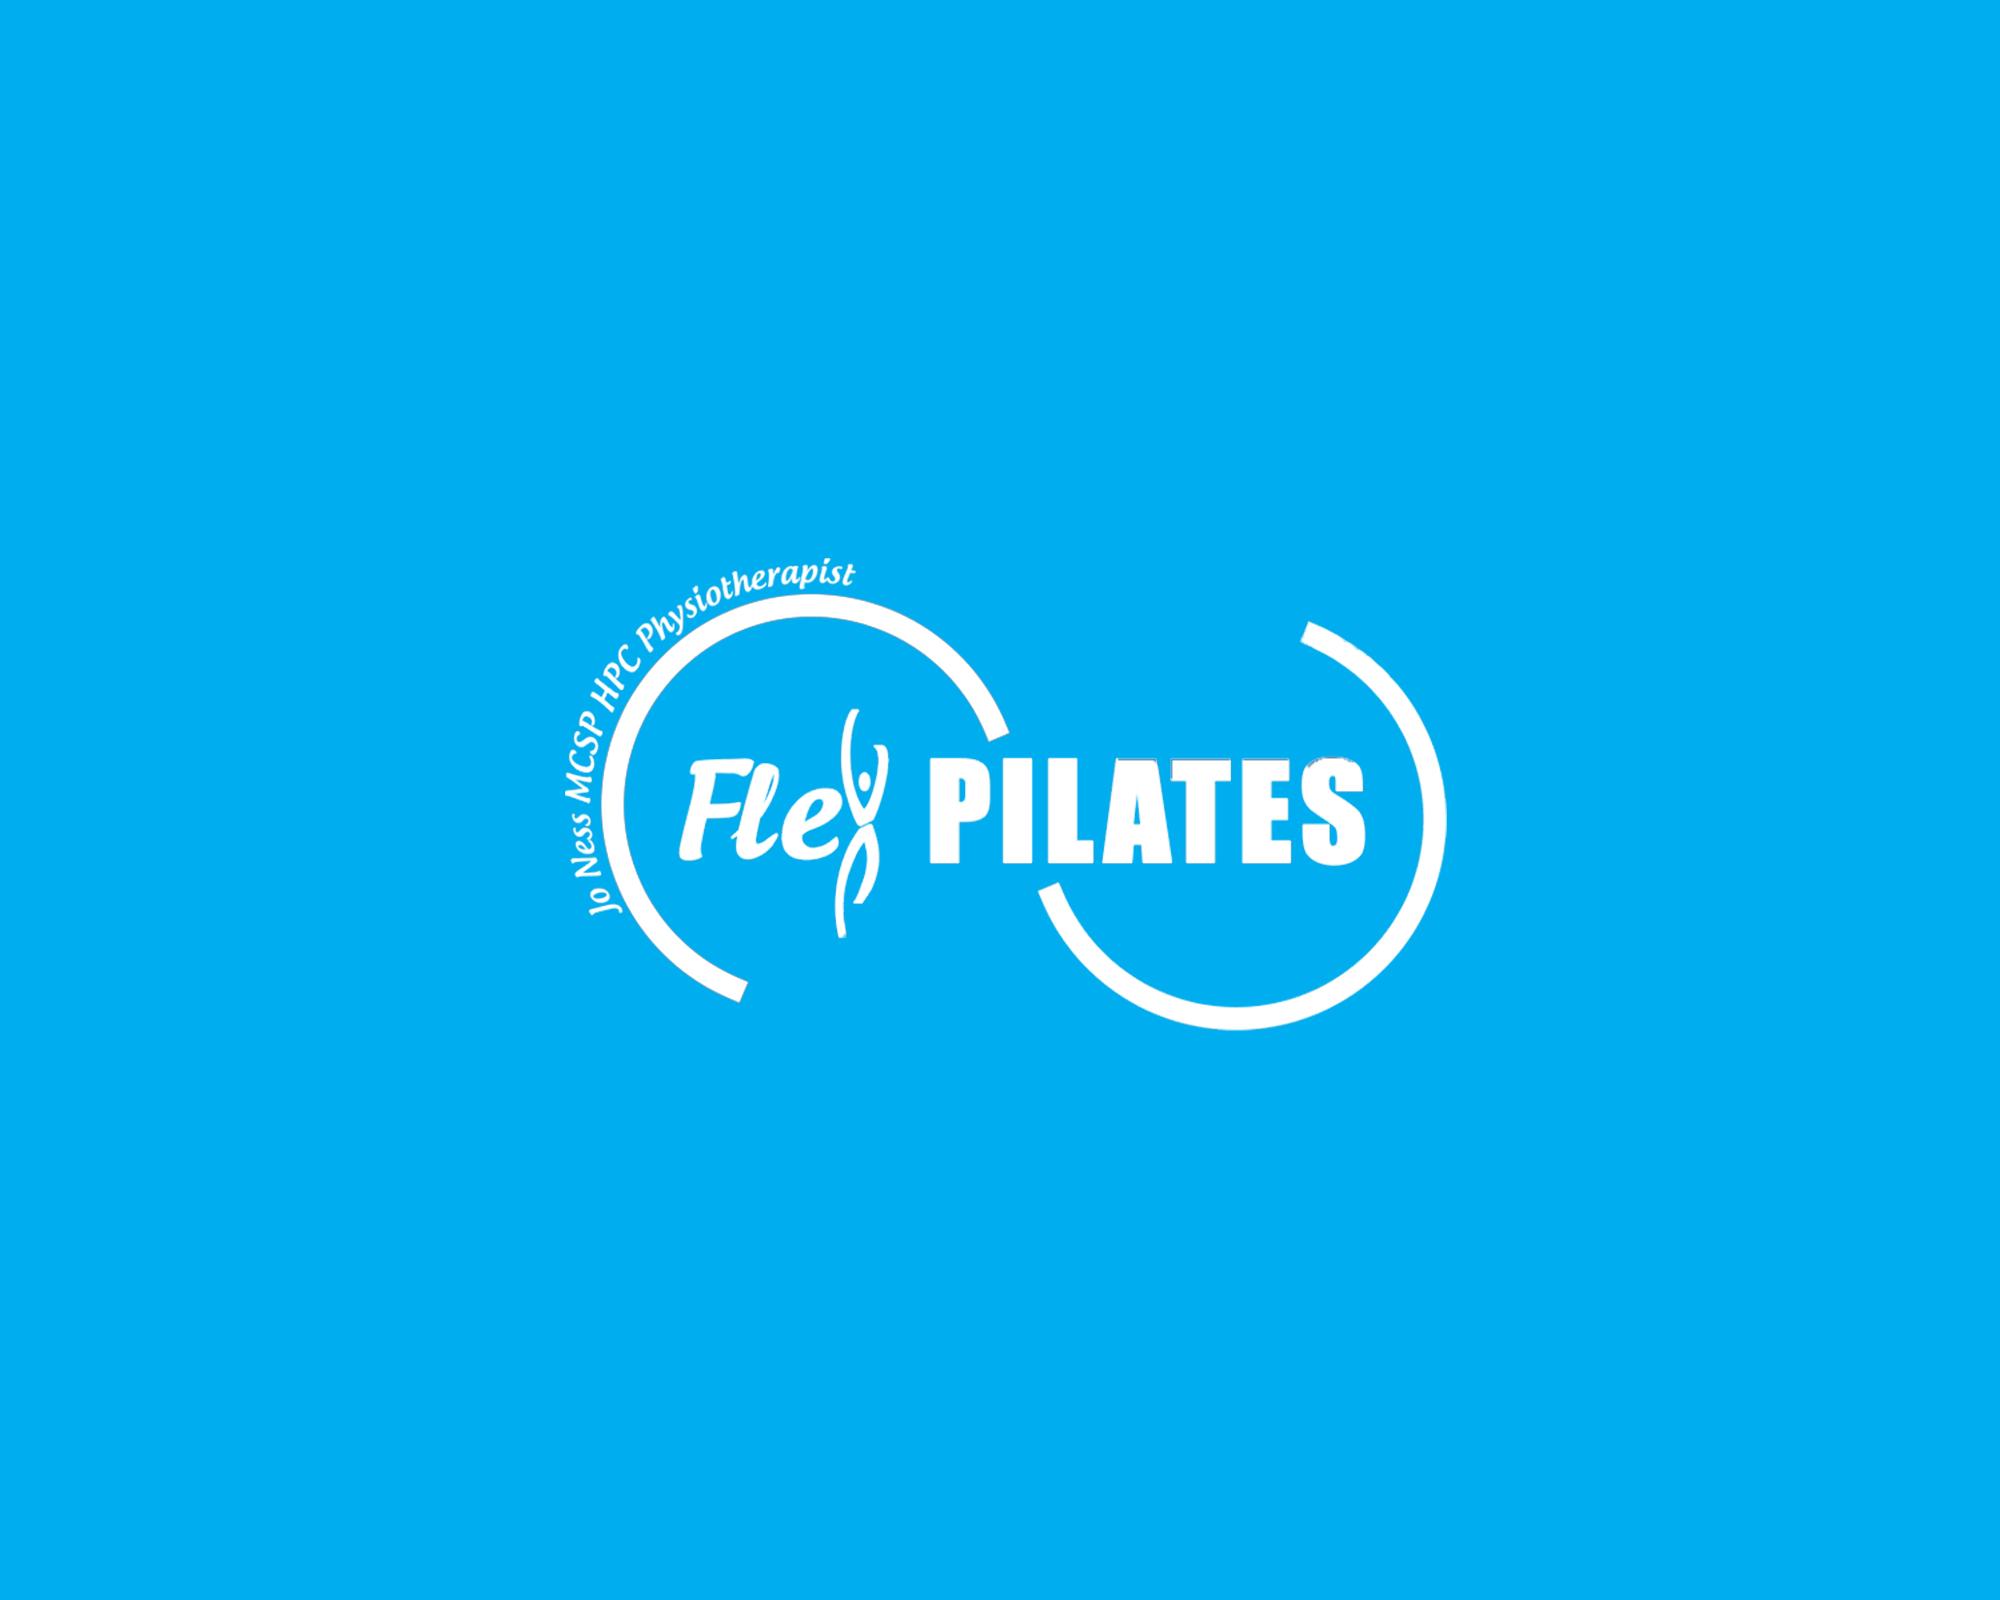 flex pilates Logo